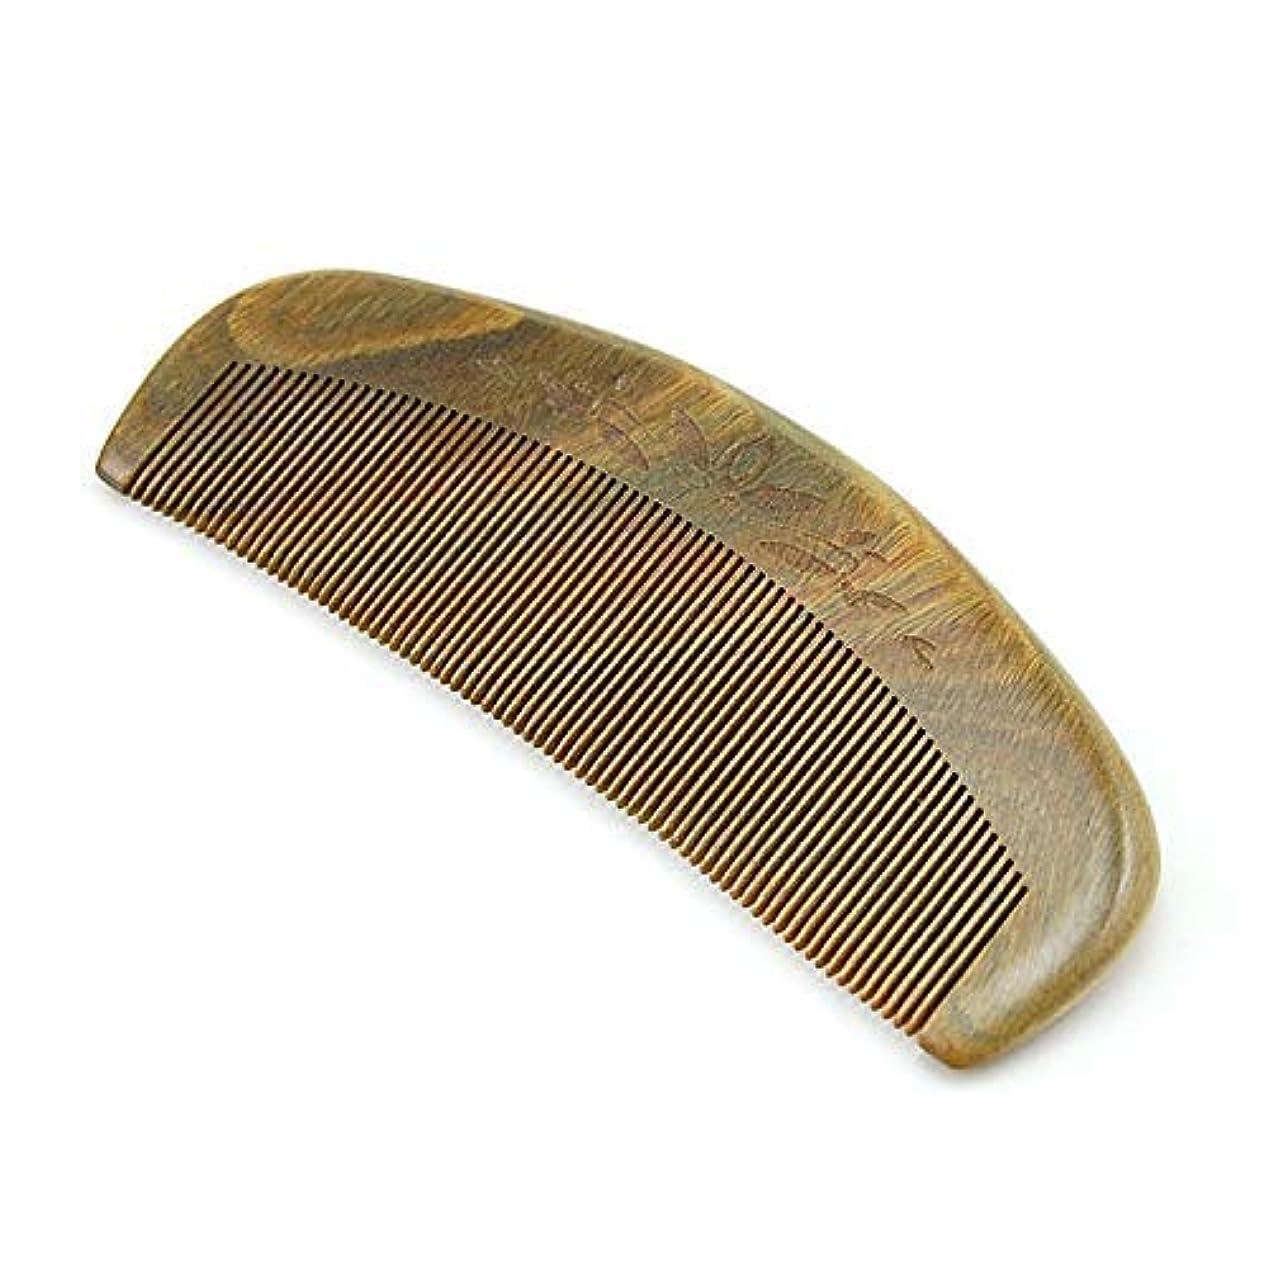 ラケットめまいプロポーショナルBrand New and Natural Green Sandalwood Fine Tooth Comb, Anti Static Pocket Wooden Comb [並行輸入品]